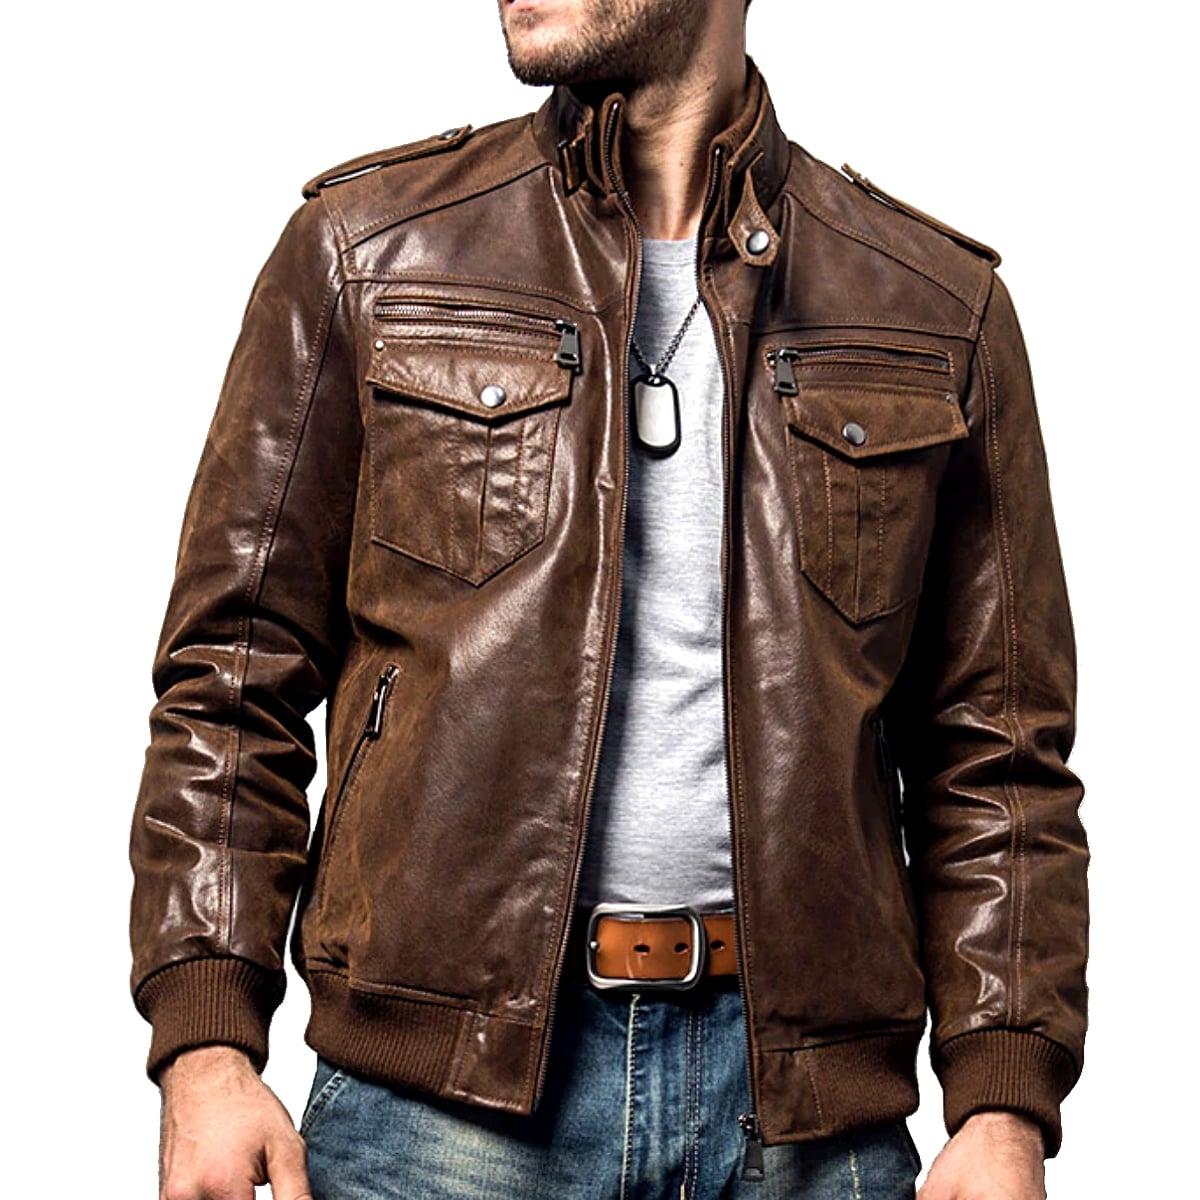 【送料無料!】全2色! 7サイズ! [Men's Pigskin Genuine Leather Motorcycle Jacket] メンズ ピッグスキン ジェニュインレザー モーターサイクルジャケット! 本革 豚革 革ジャン シングル ライダース ブラウン ボンバージャケット スエード コート アウター バイクに!